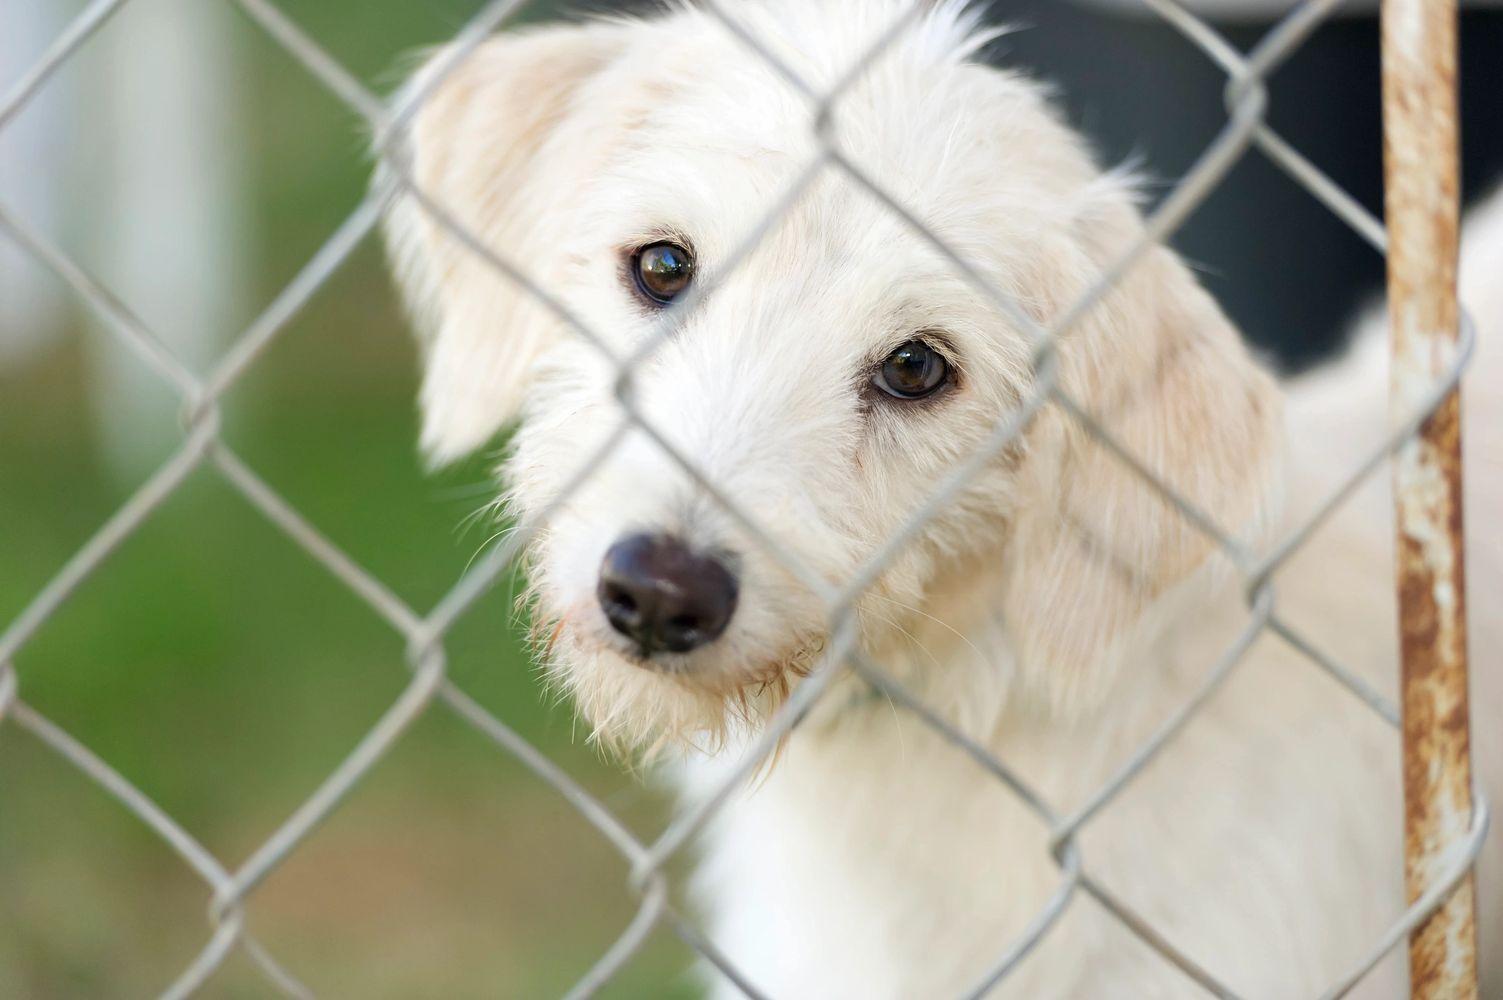 Northeast Ohio Spca Animal Shelter Cleveland Ohio